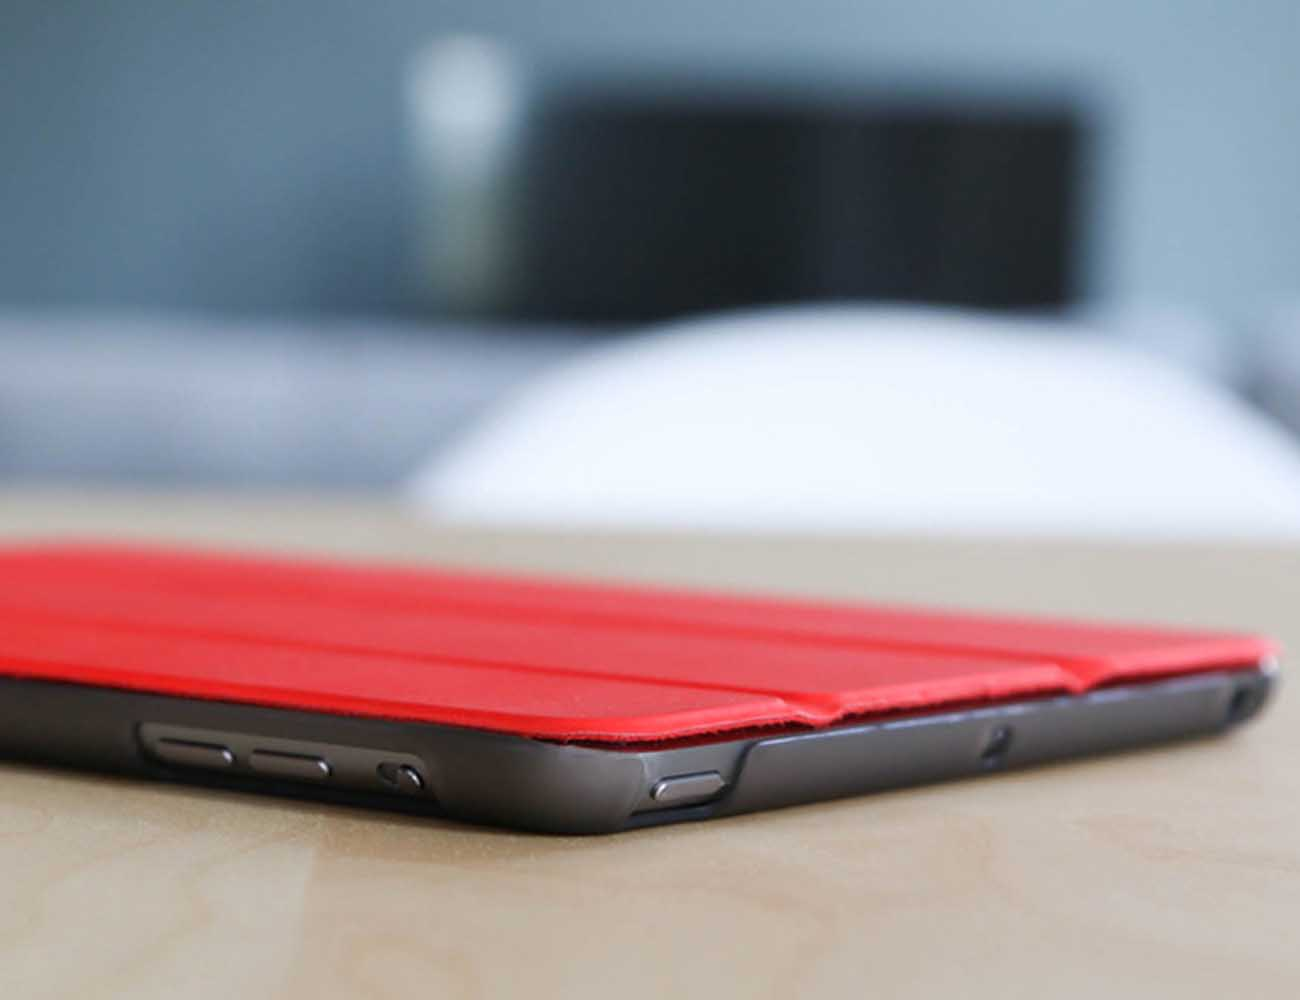 Super Thin iPad Air/Air 2 Case By Peel